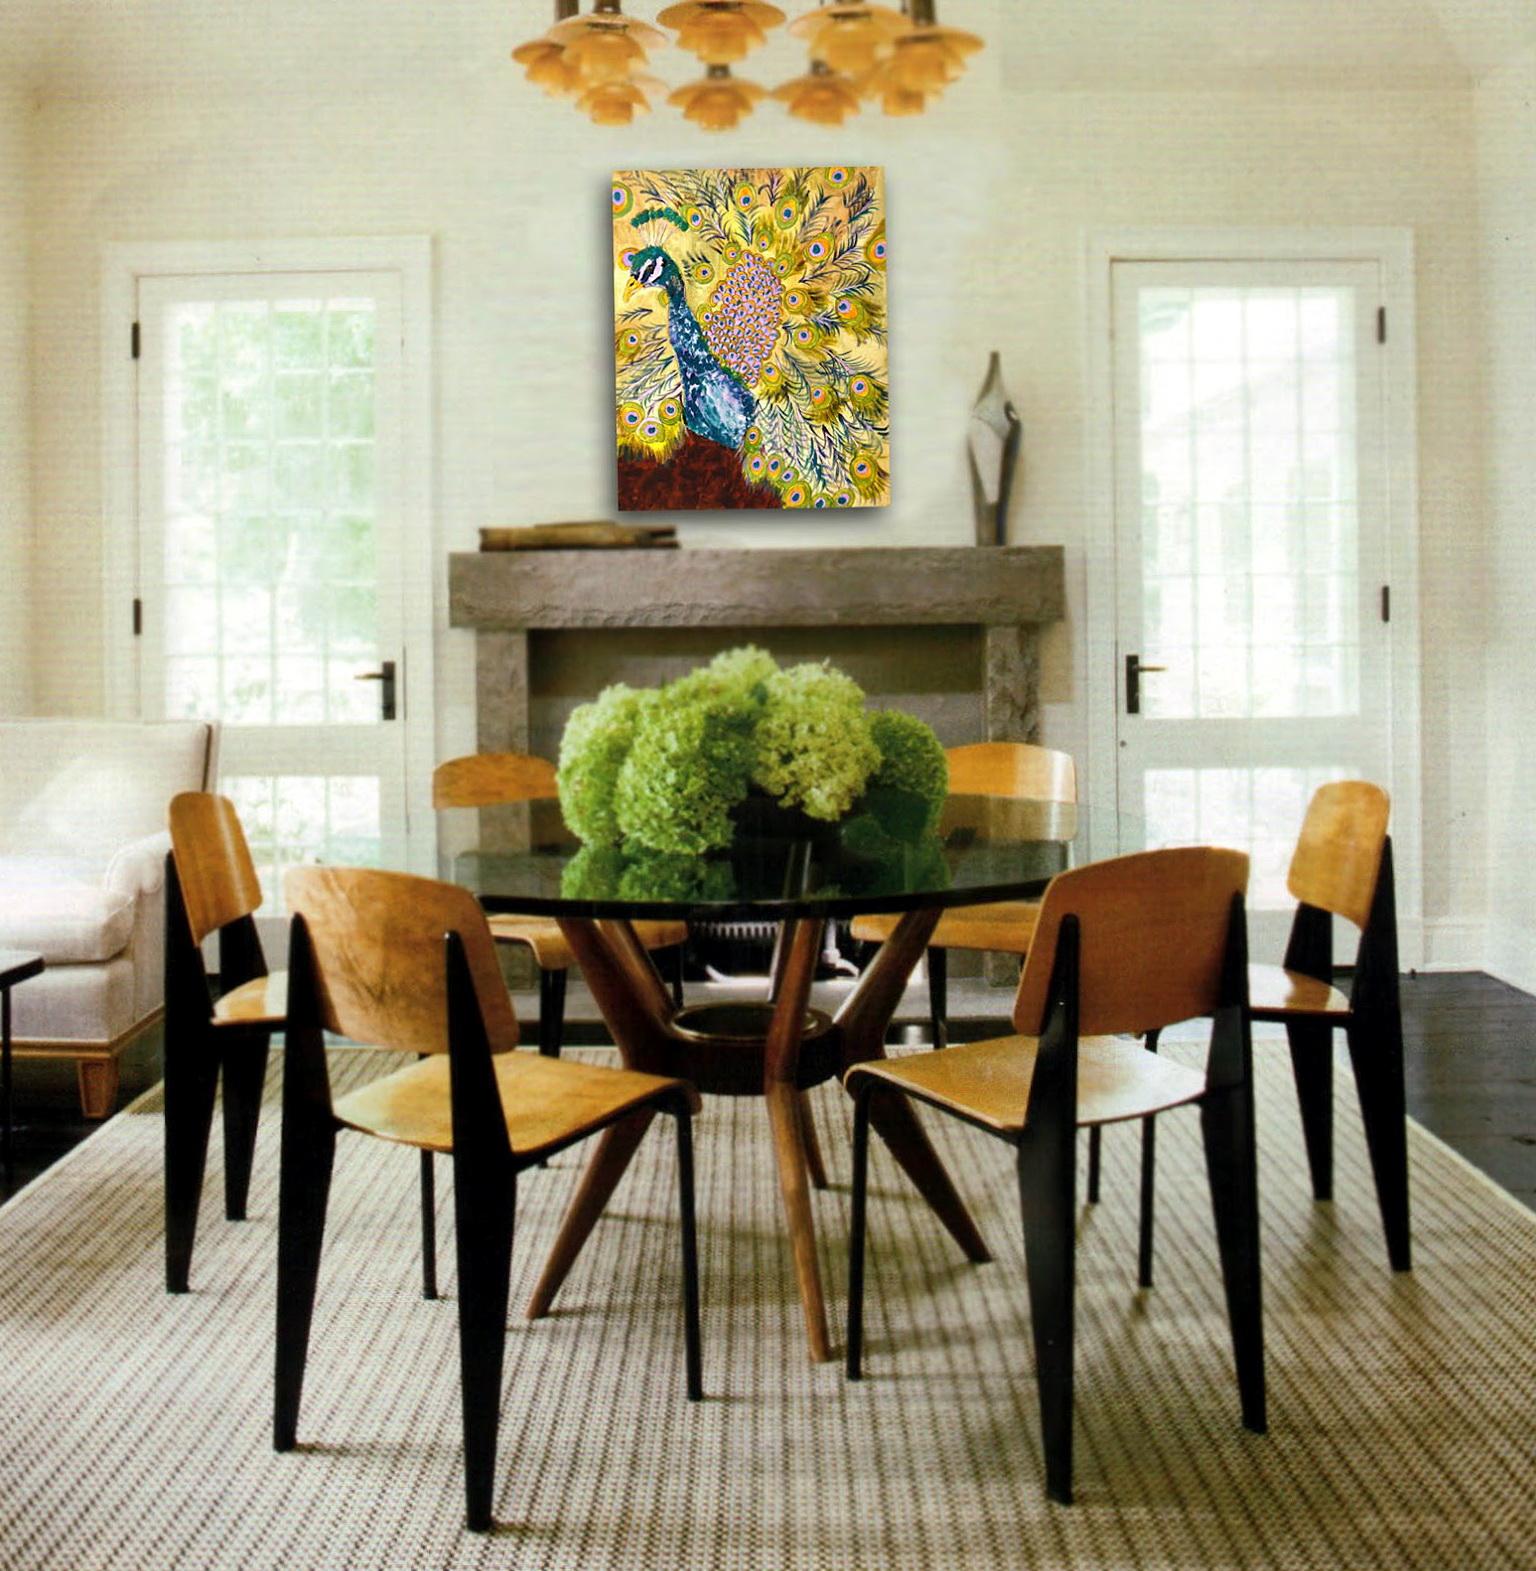 Dining Room Wall Art Pinterest